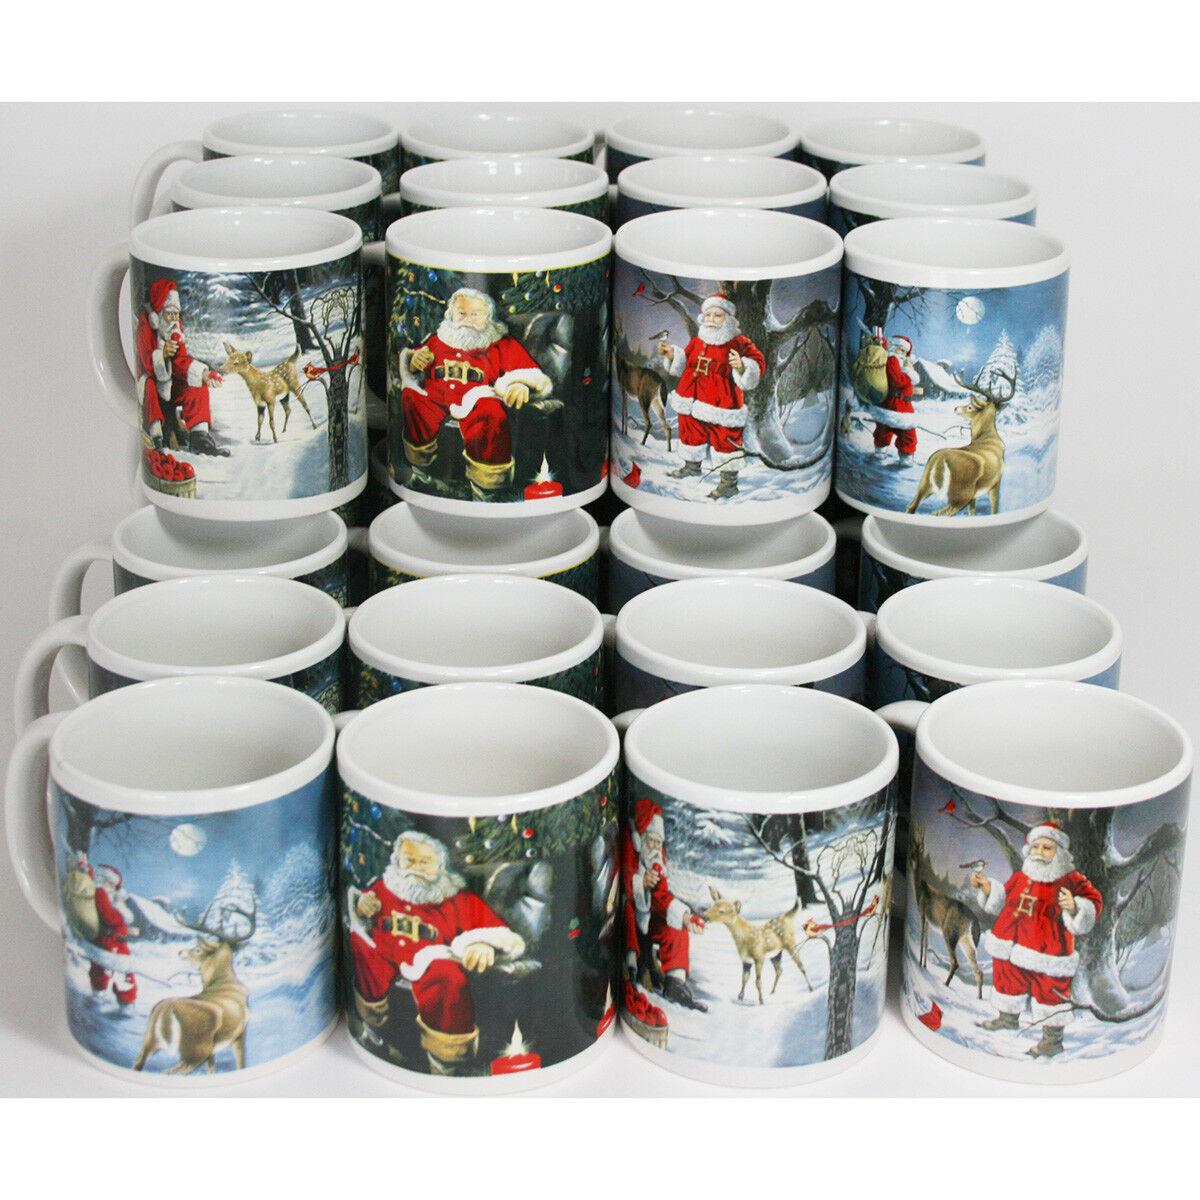 36 x Weihnachtstassen Tassen Glühweintassen Tasse Becher Kaffee